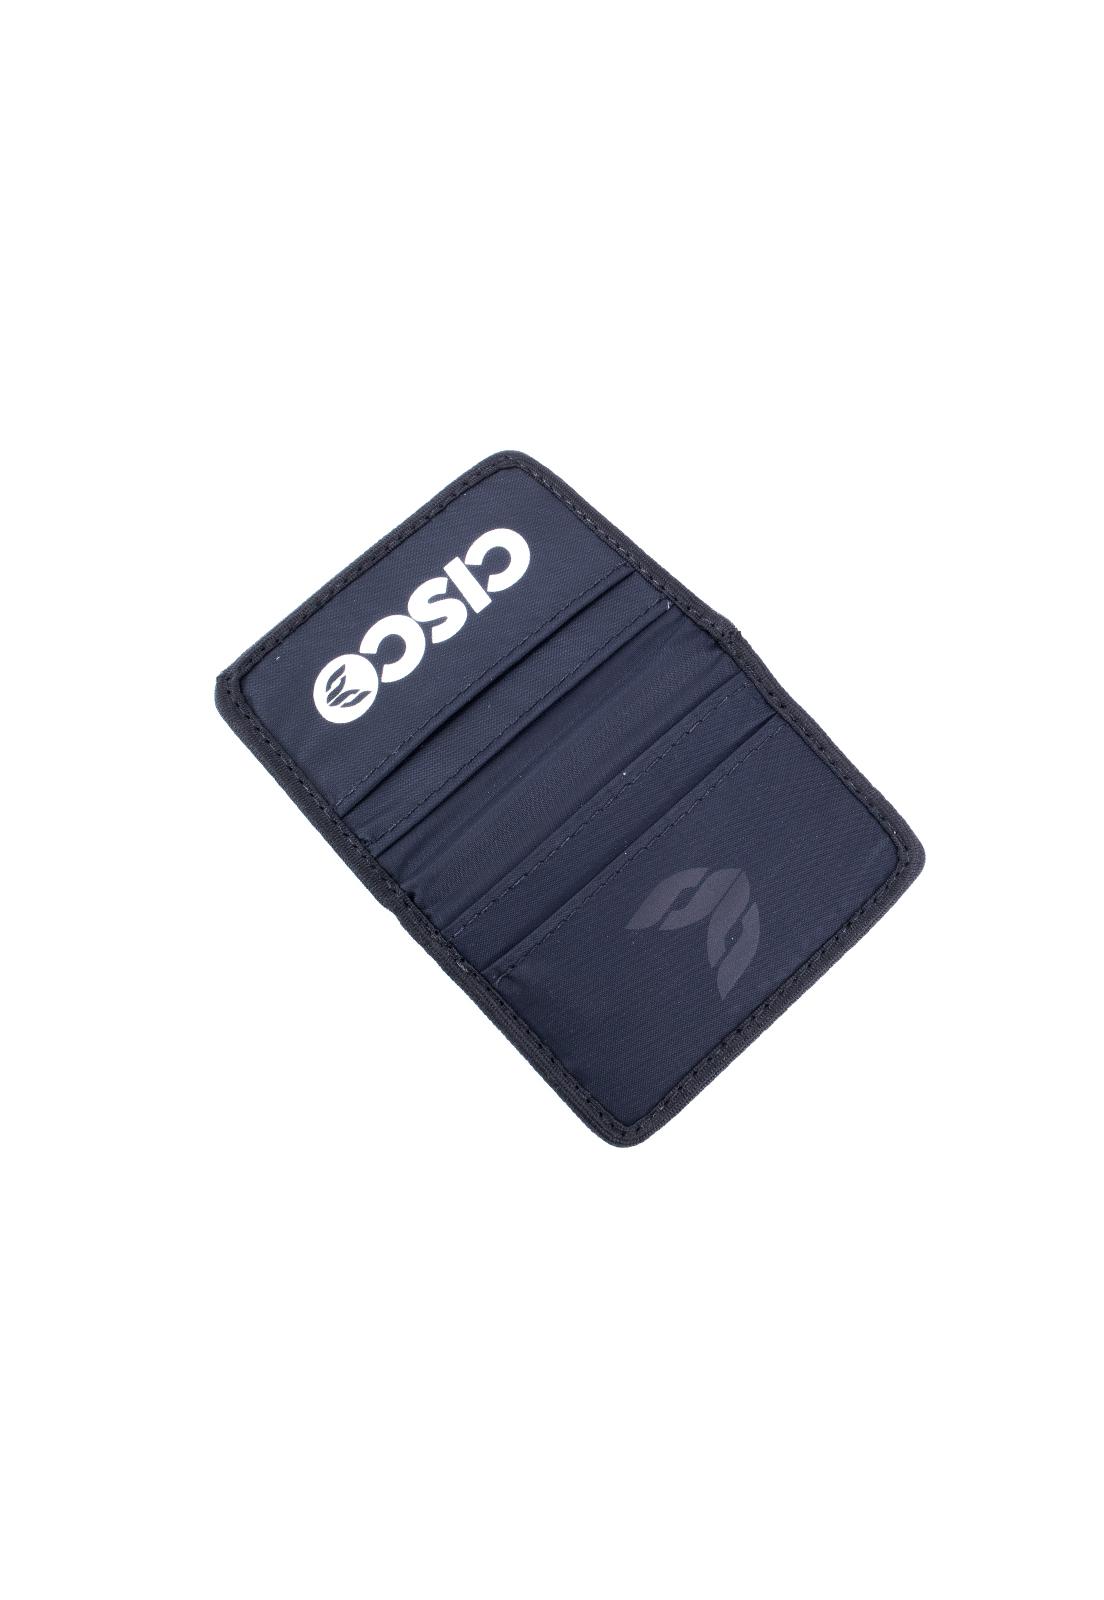 Carteira Porta Cartão Cisco Skate Escrita